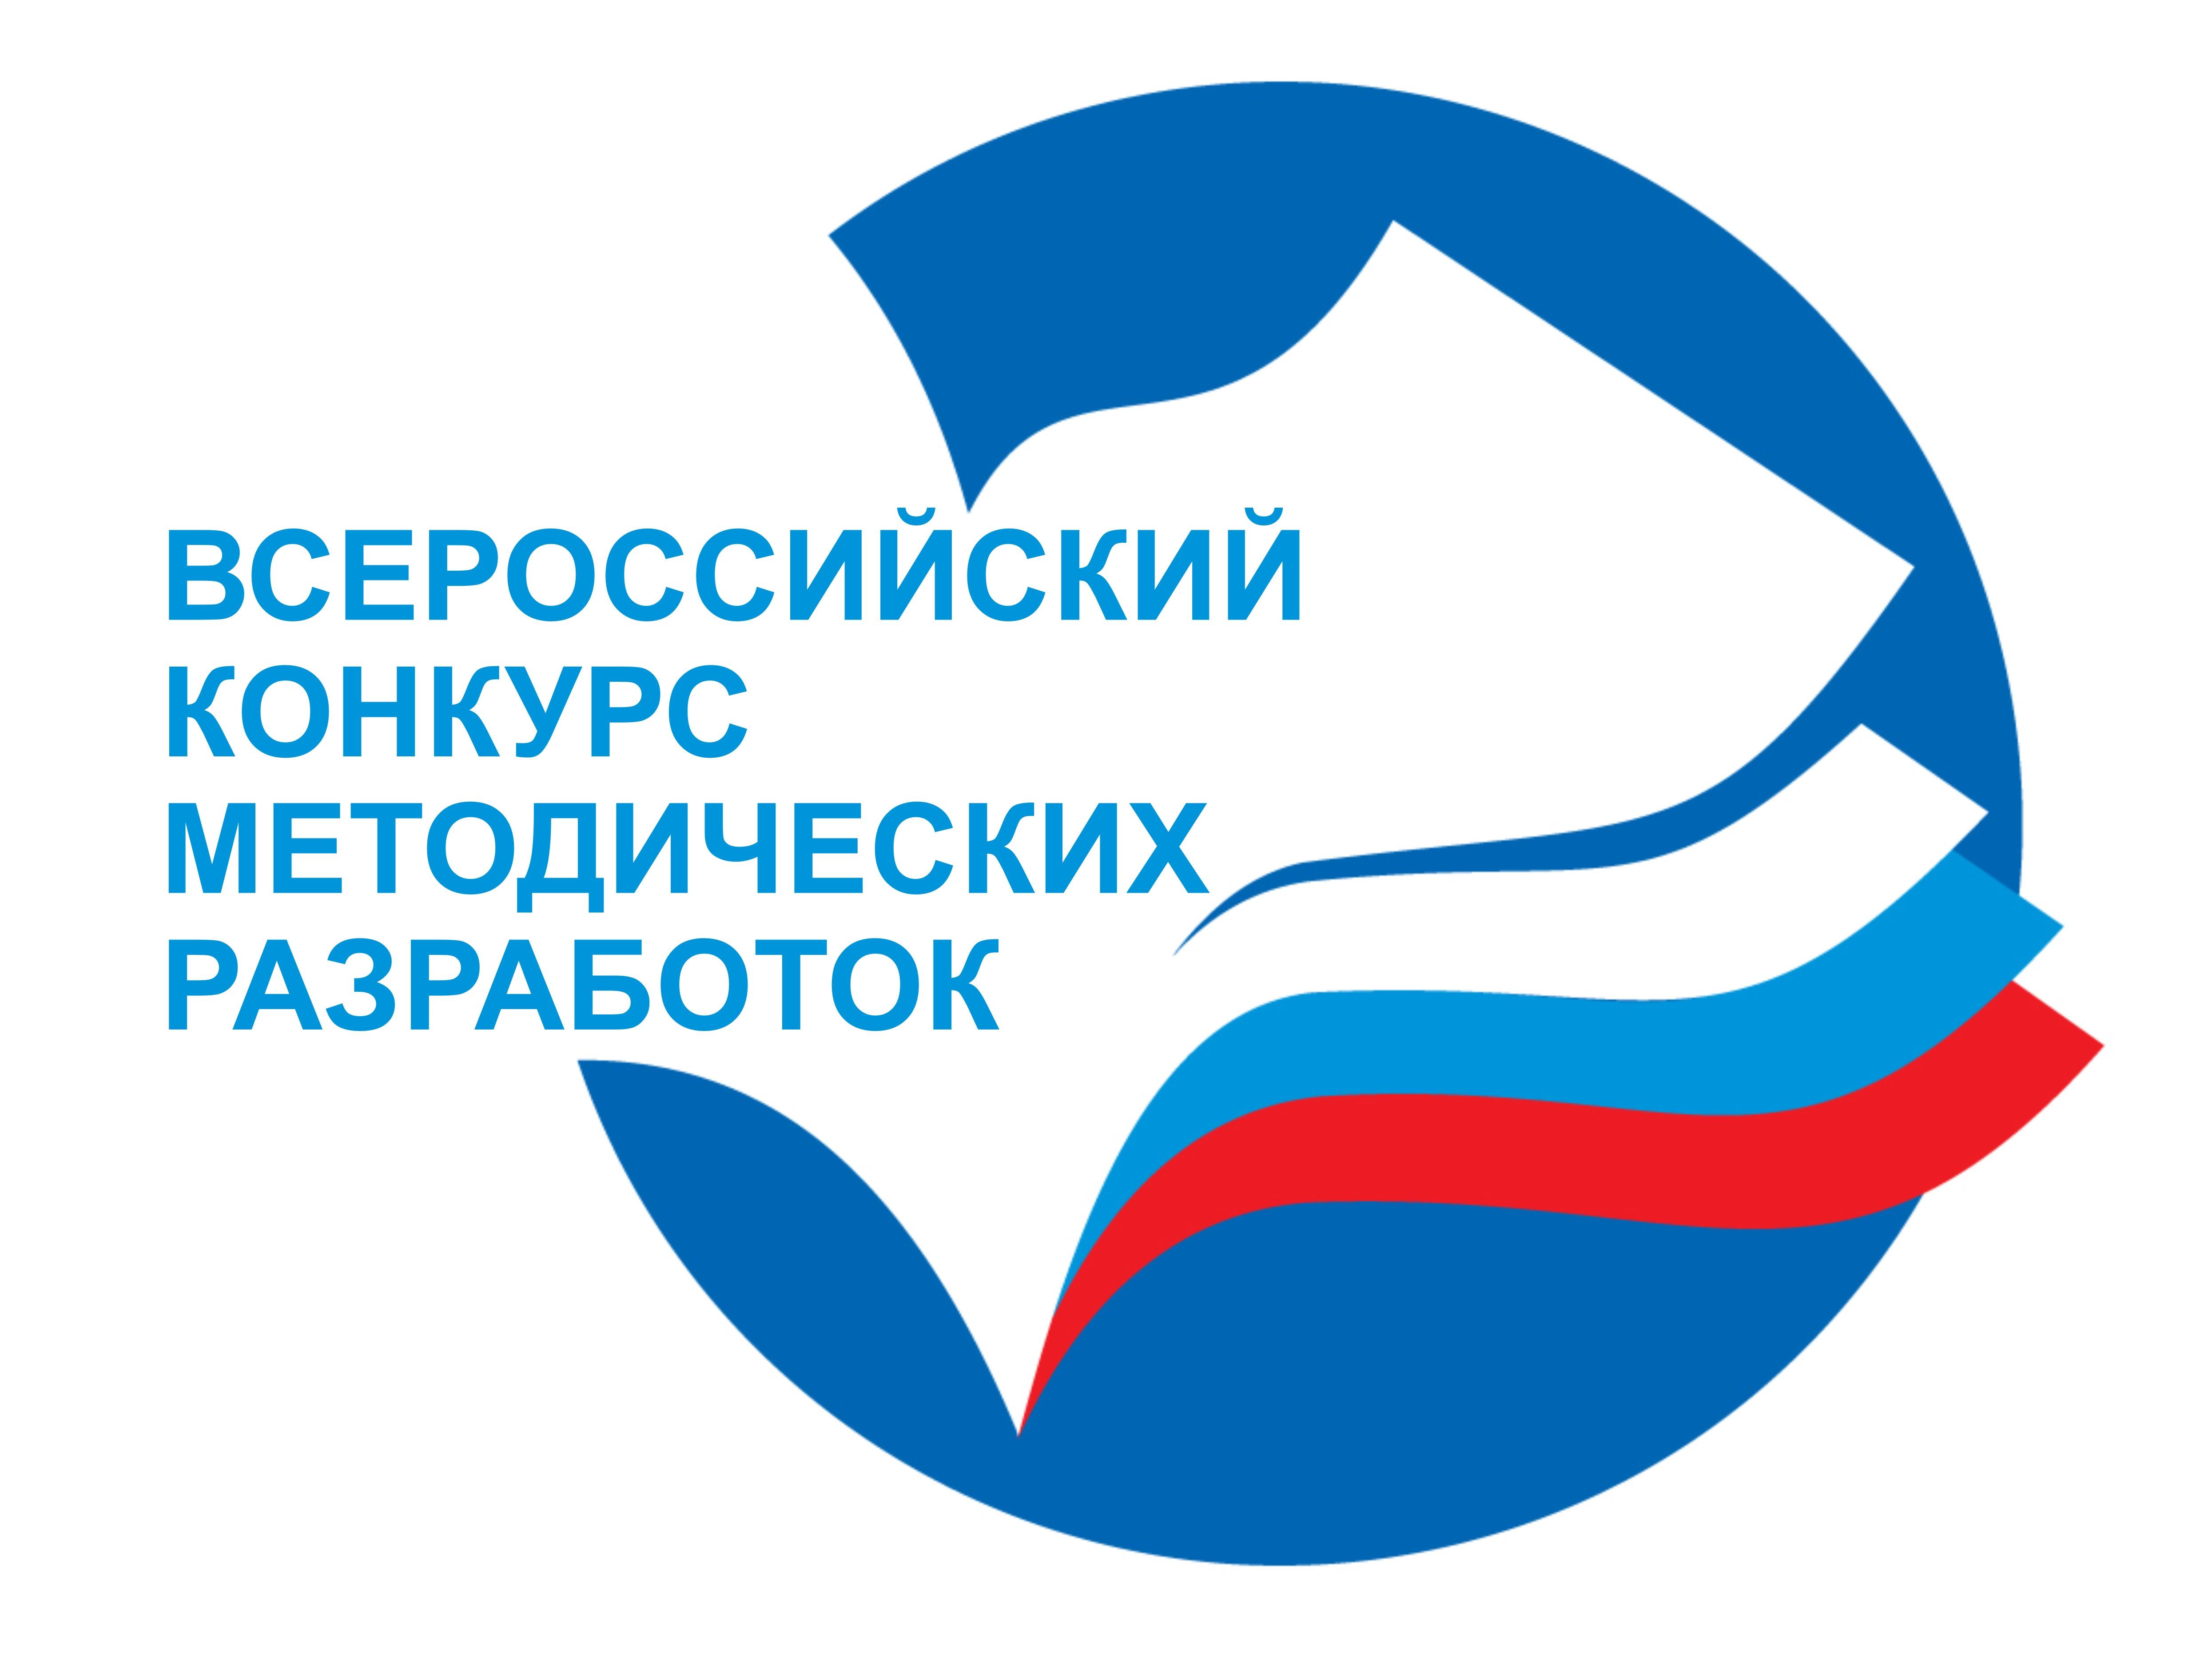 Методическая разработка конкурсы профмастерства продавец